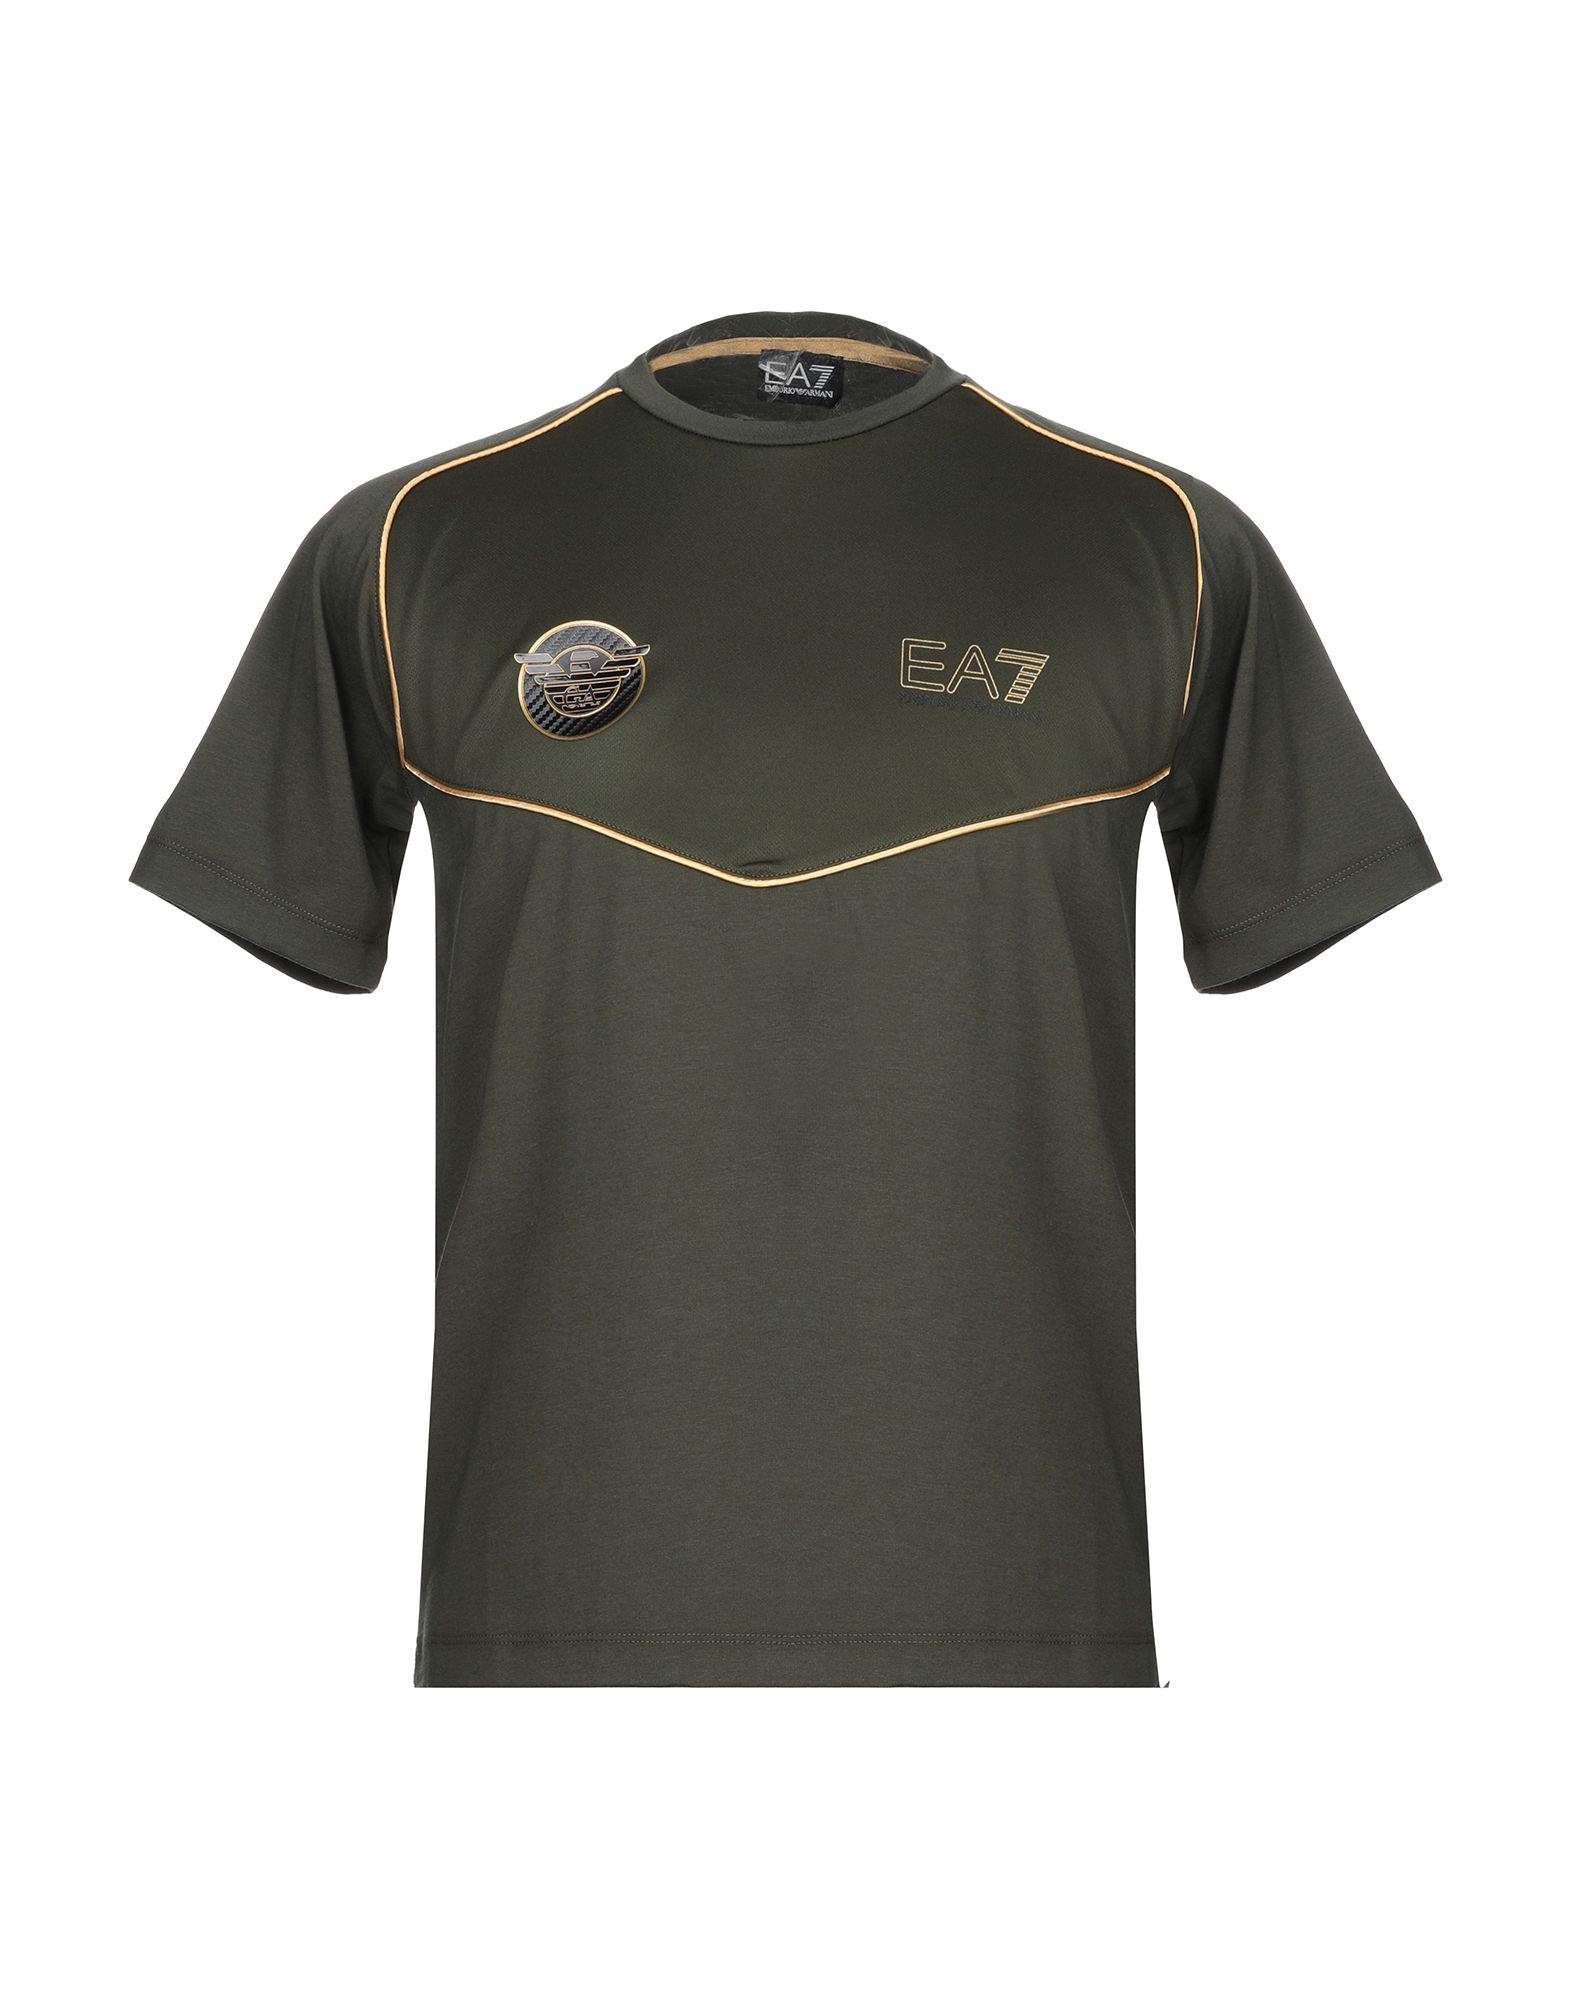 T-Shirt Ea7 herren - 12298665AN